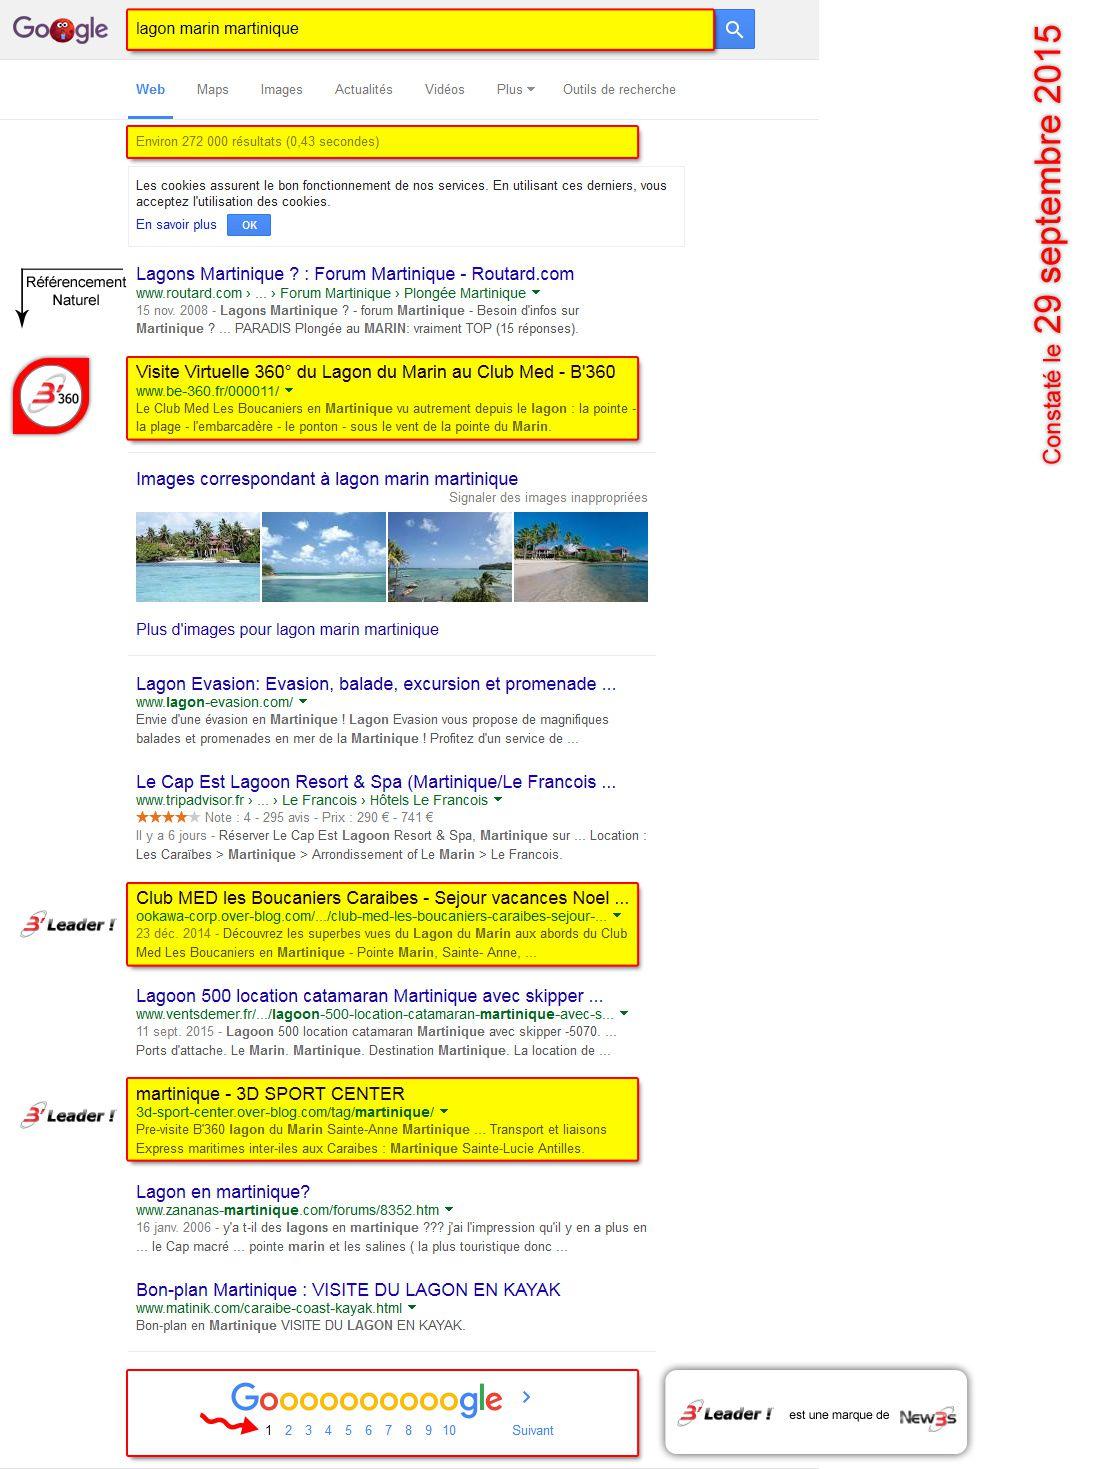 B'Leader : SERVICES de CREATION RAPIDE de positionnement en-tête du WEB dans les résultats issus des moteurs de recherche